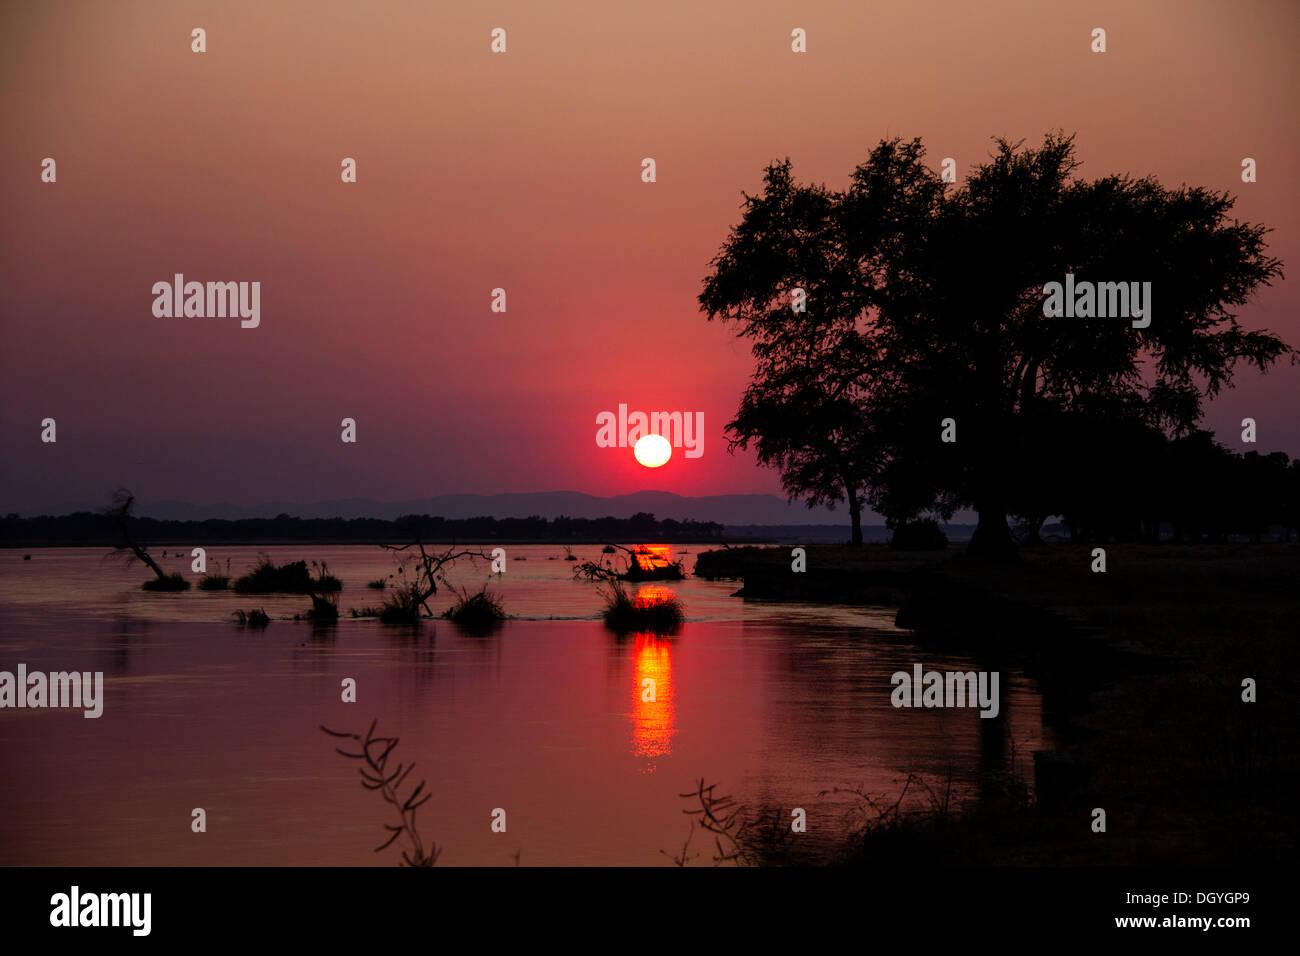 Atardecer sobre el río Zambezi, el Parque Nacional de Mana Pools, Zimbabwe, África Imagen De Stock